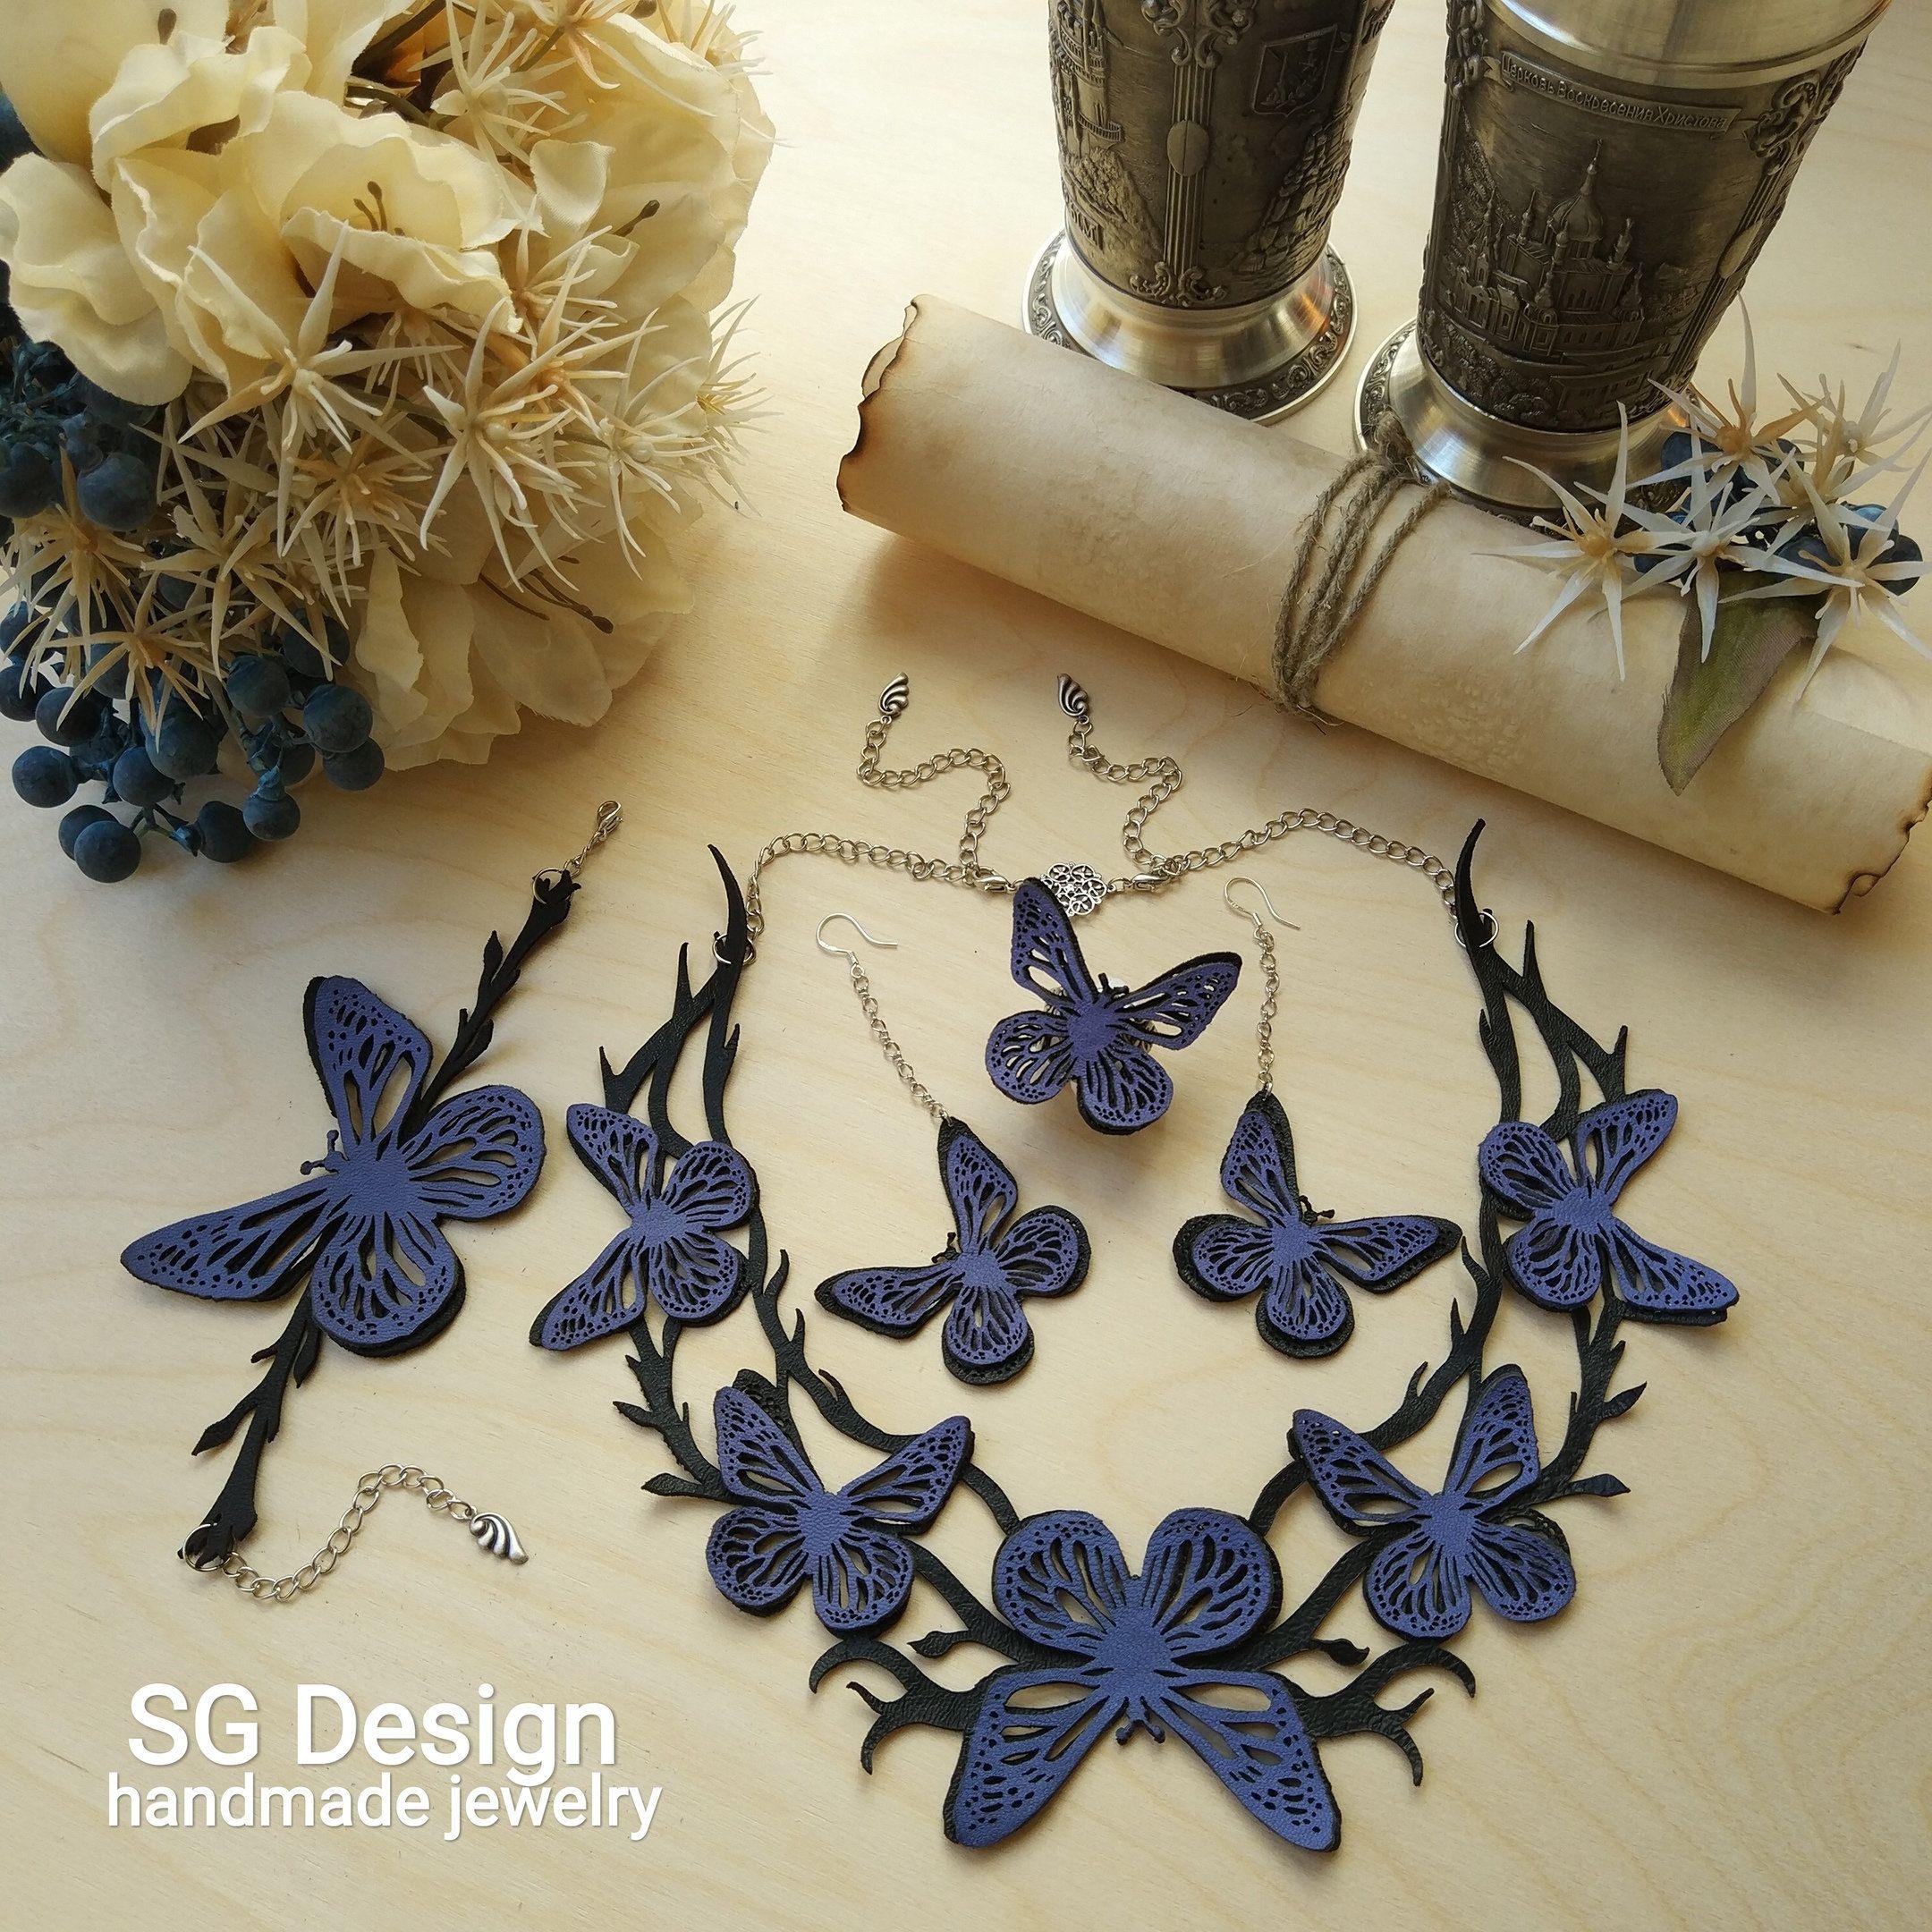 3D Butterfly Leather Set, Bracelet, Earrings, Necklace